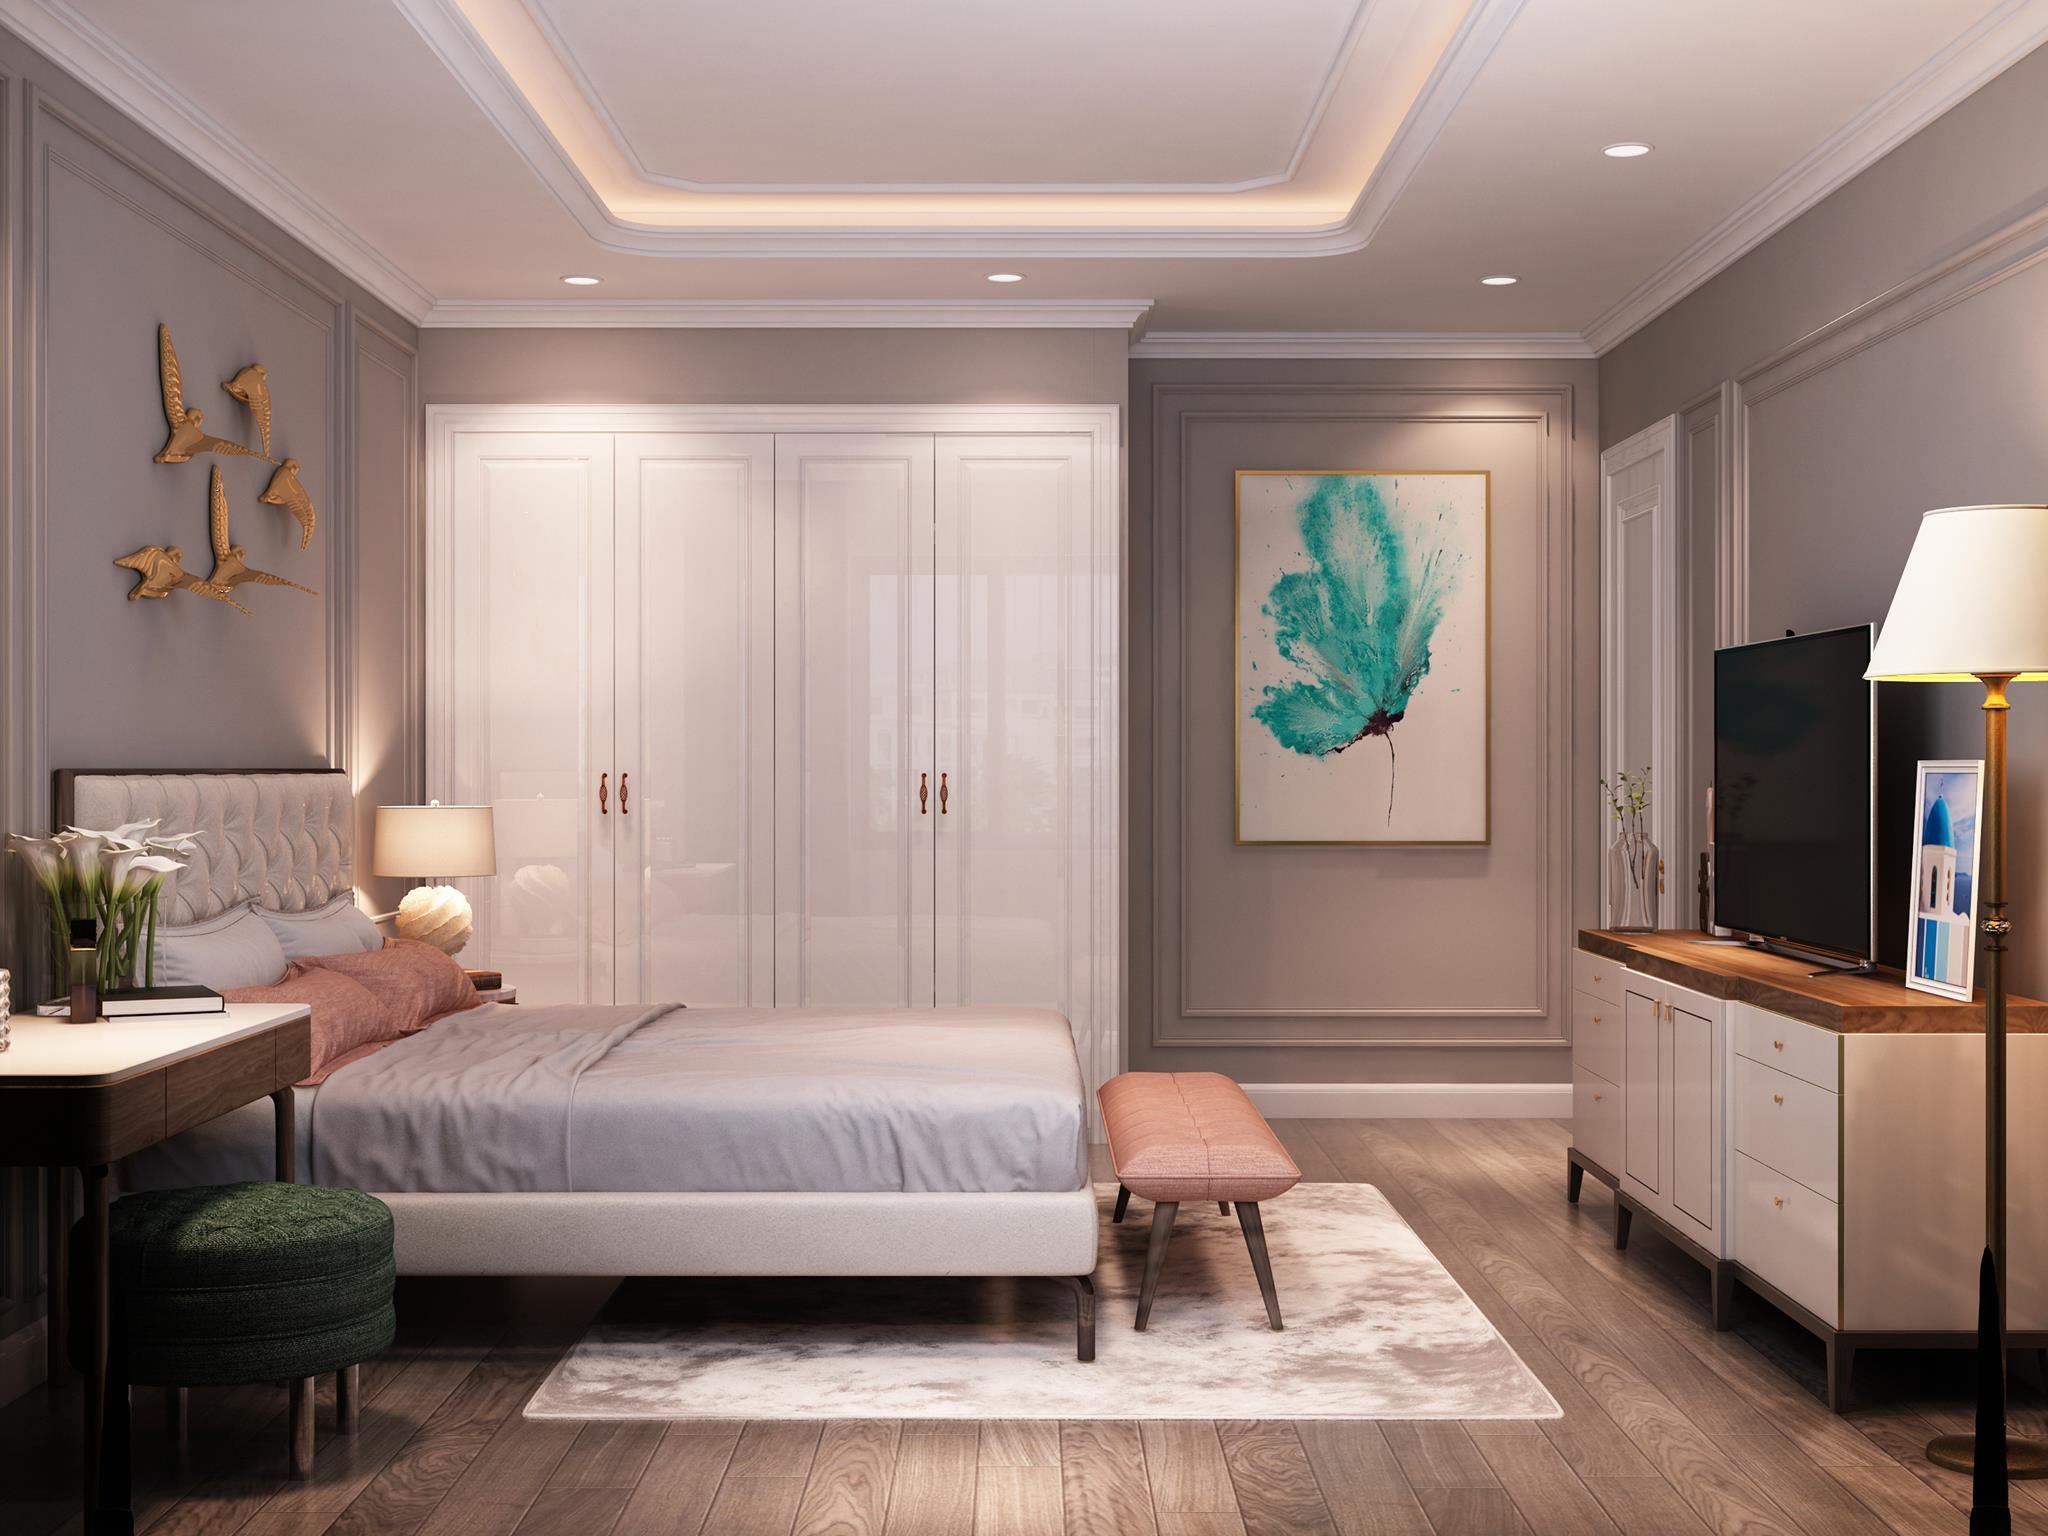 Thiết kế phòng ngủ 20m2 hiện đại